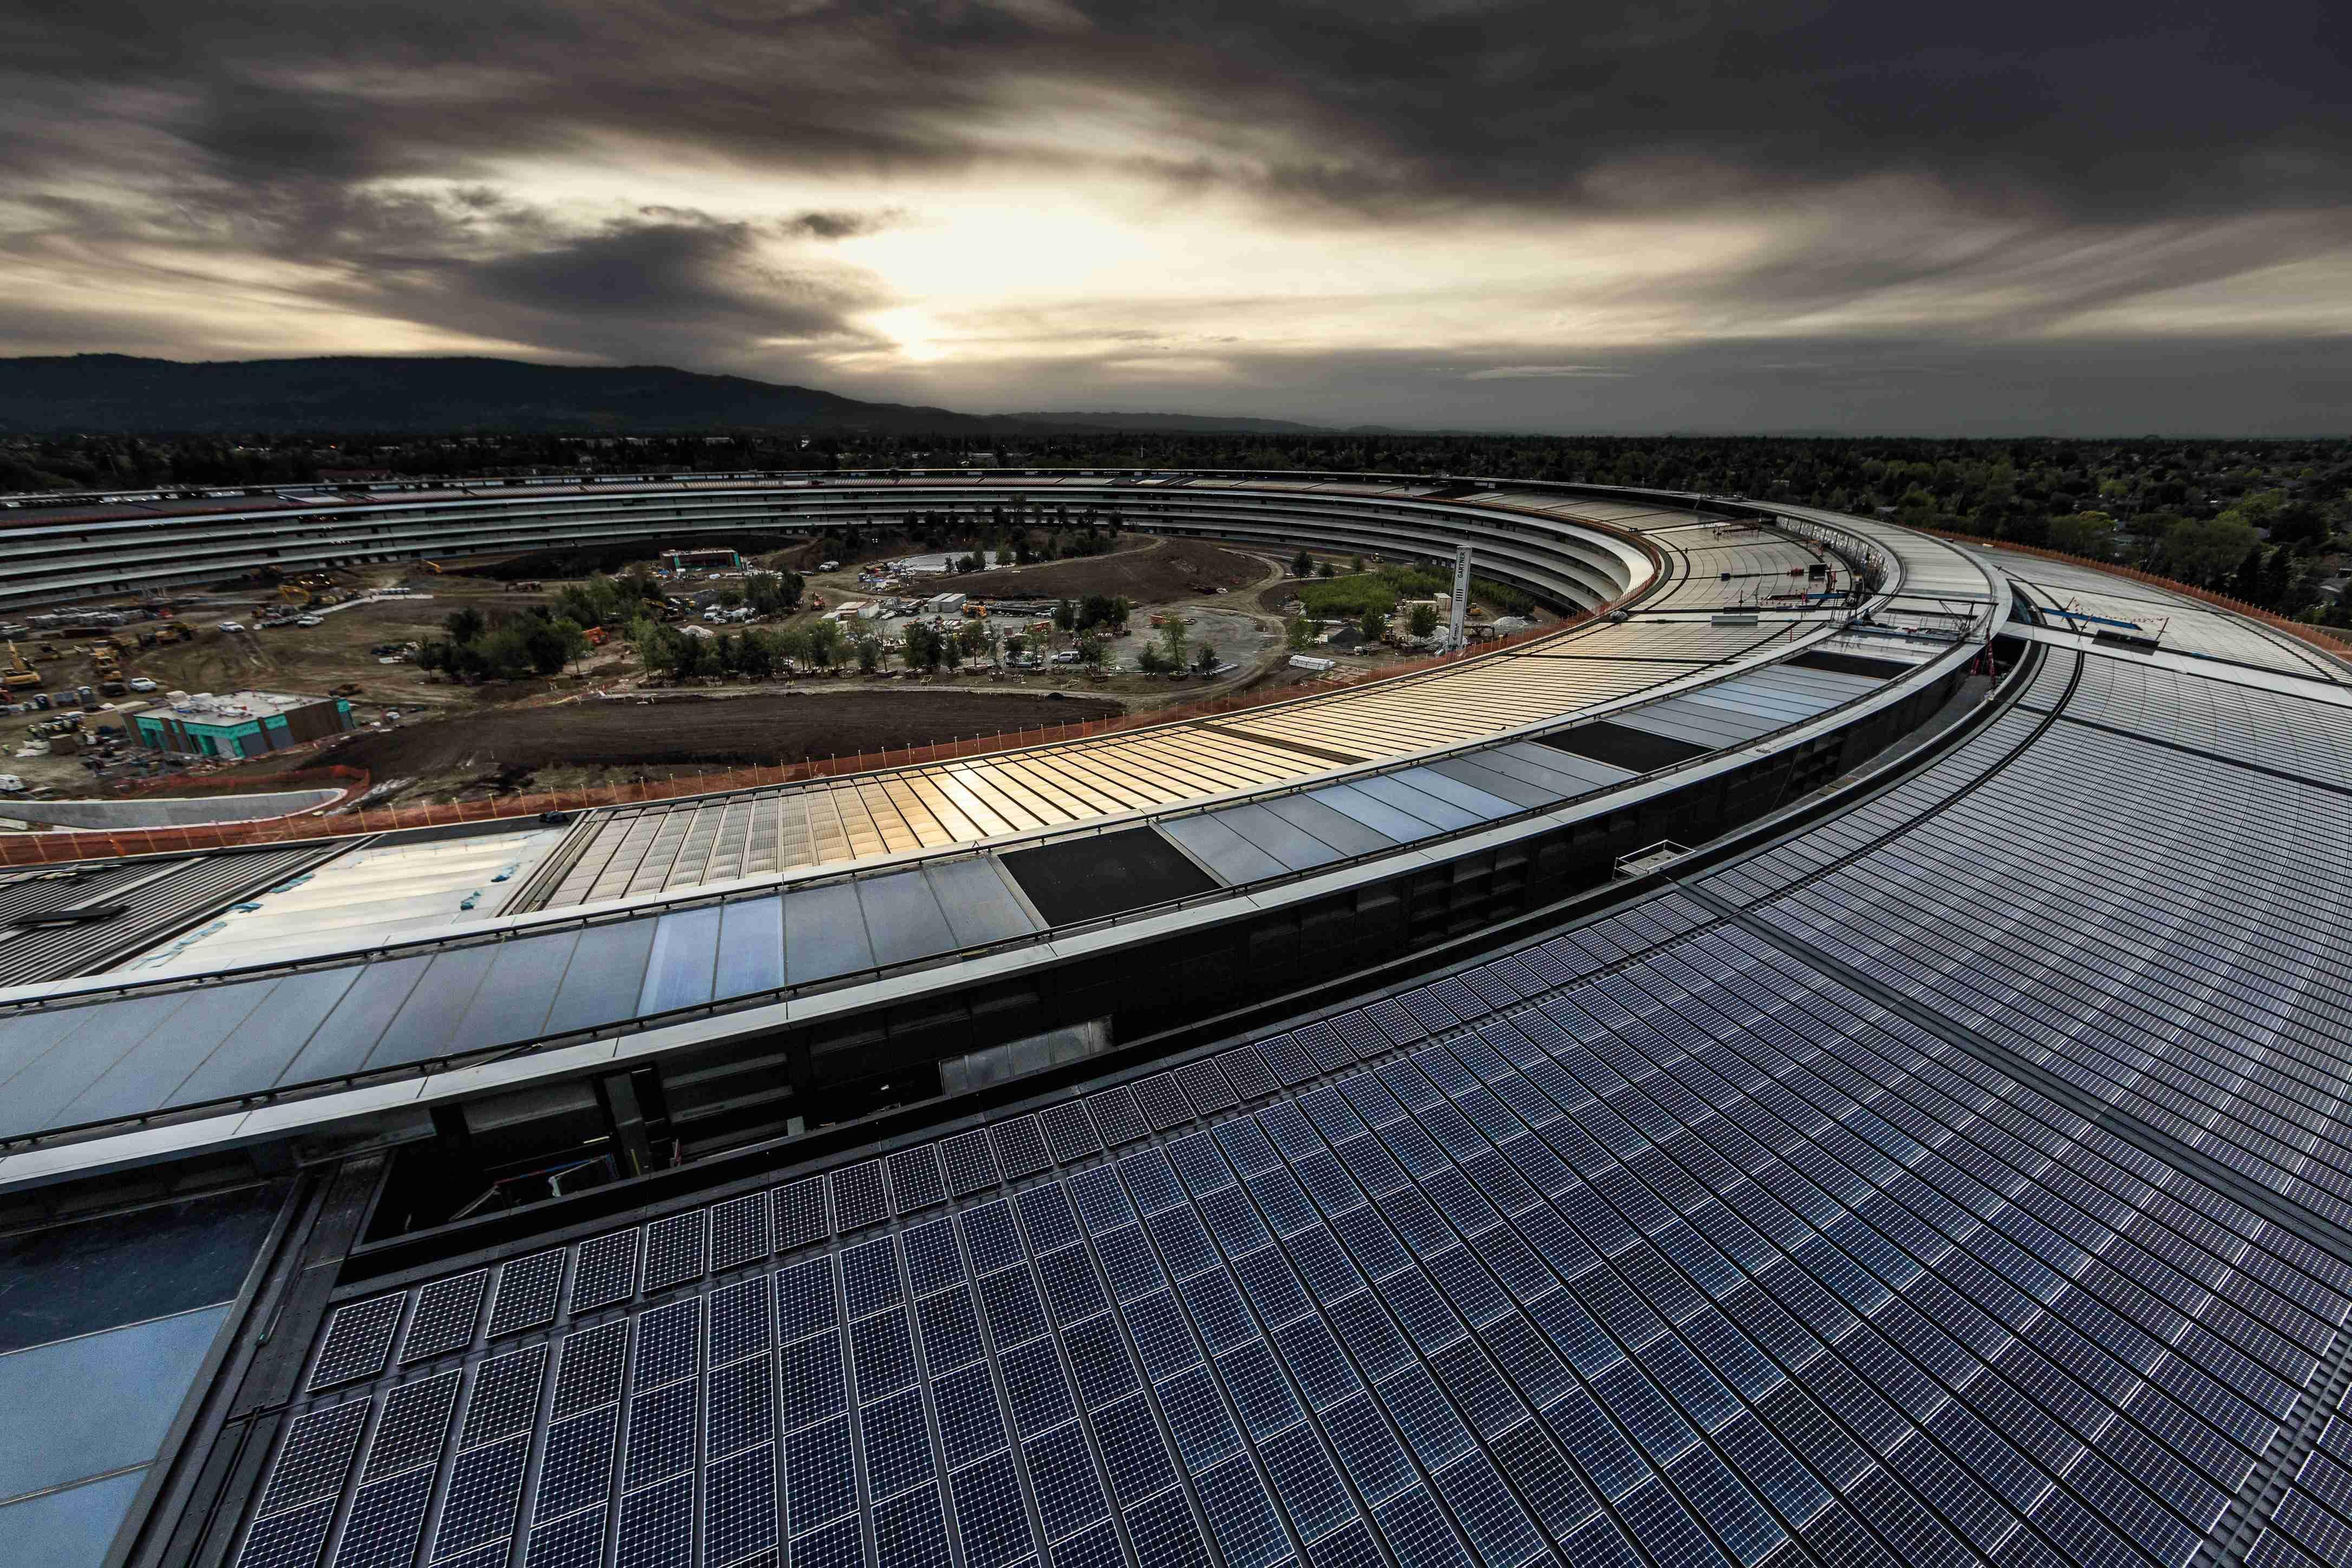 môi trường làm việc tại Apple,môi trường làm việc tại Apple, môi trường làm việc tại apple - Những bí mật về môi trường làm việc tại Apple ít ai biết đến